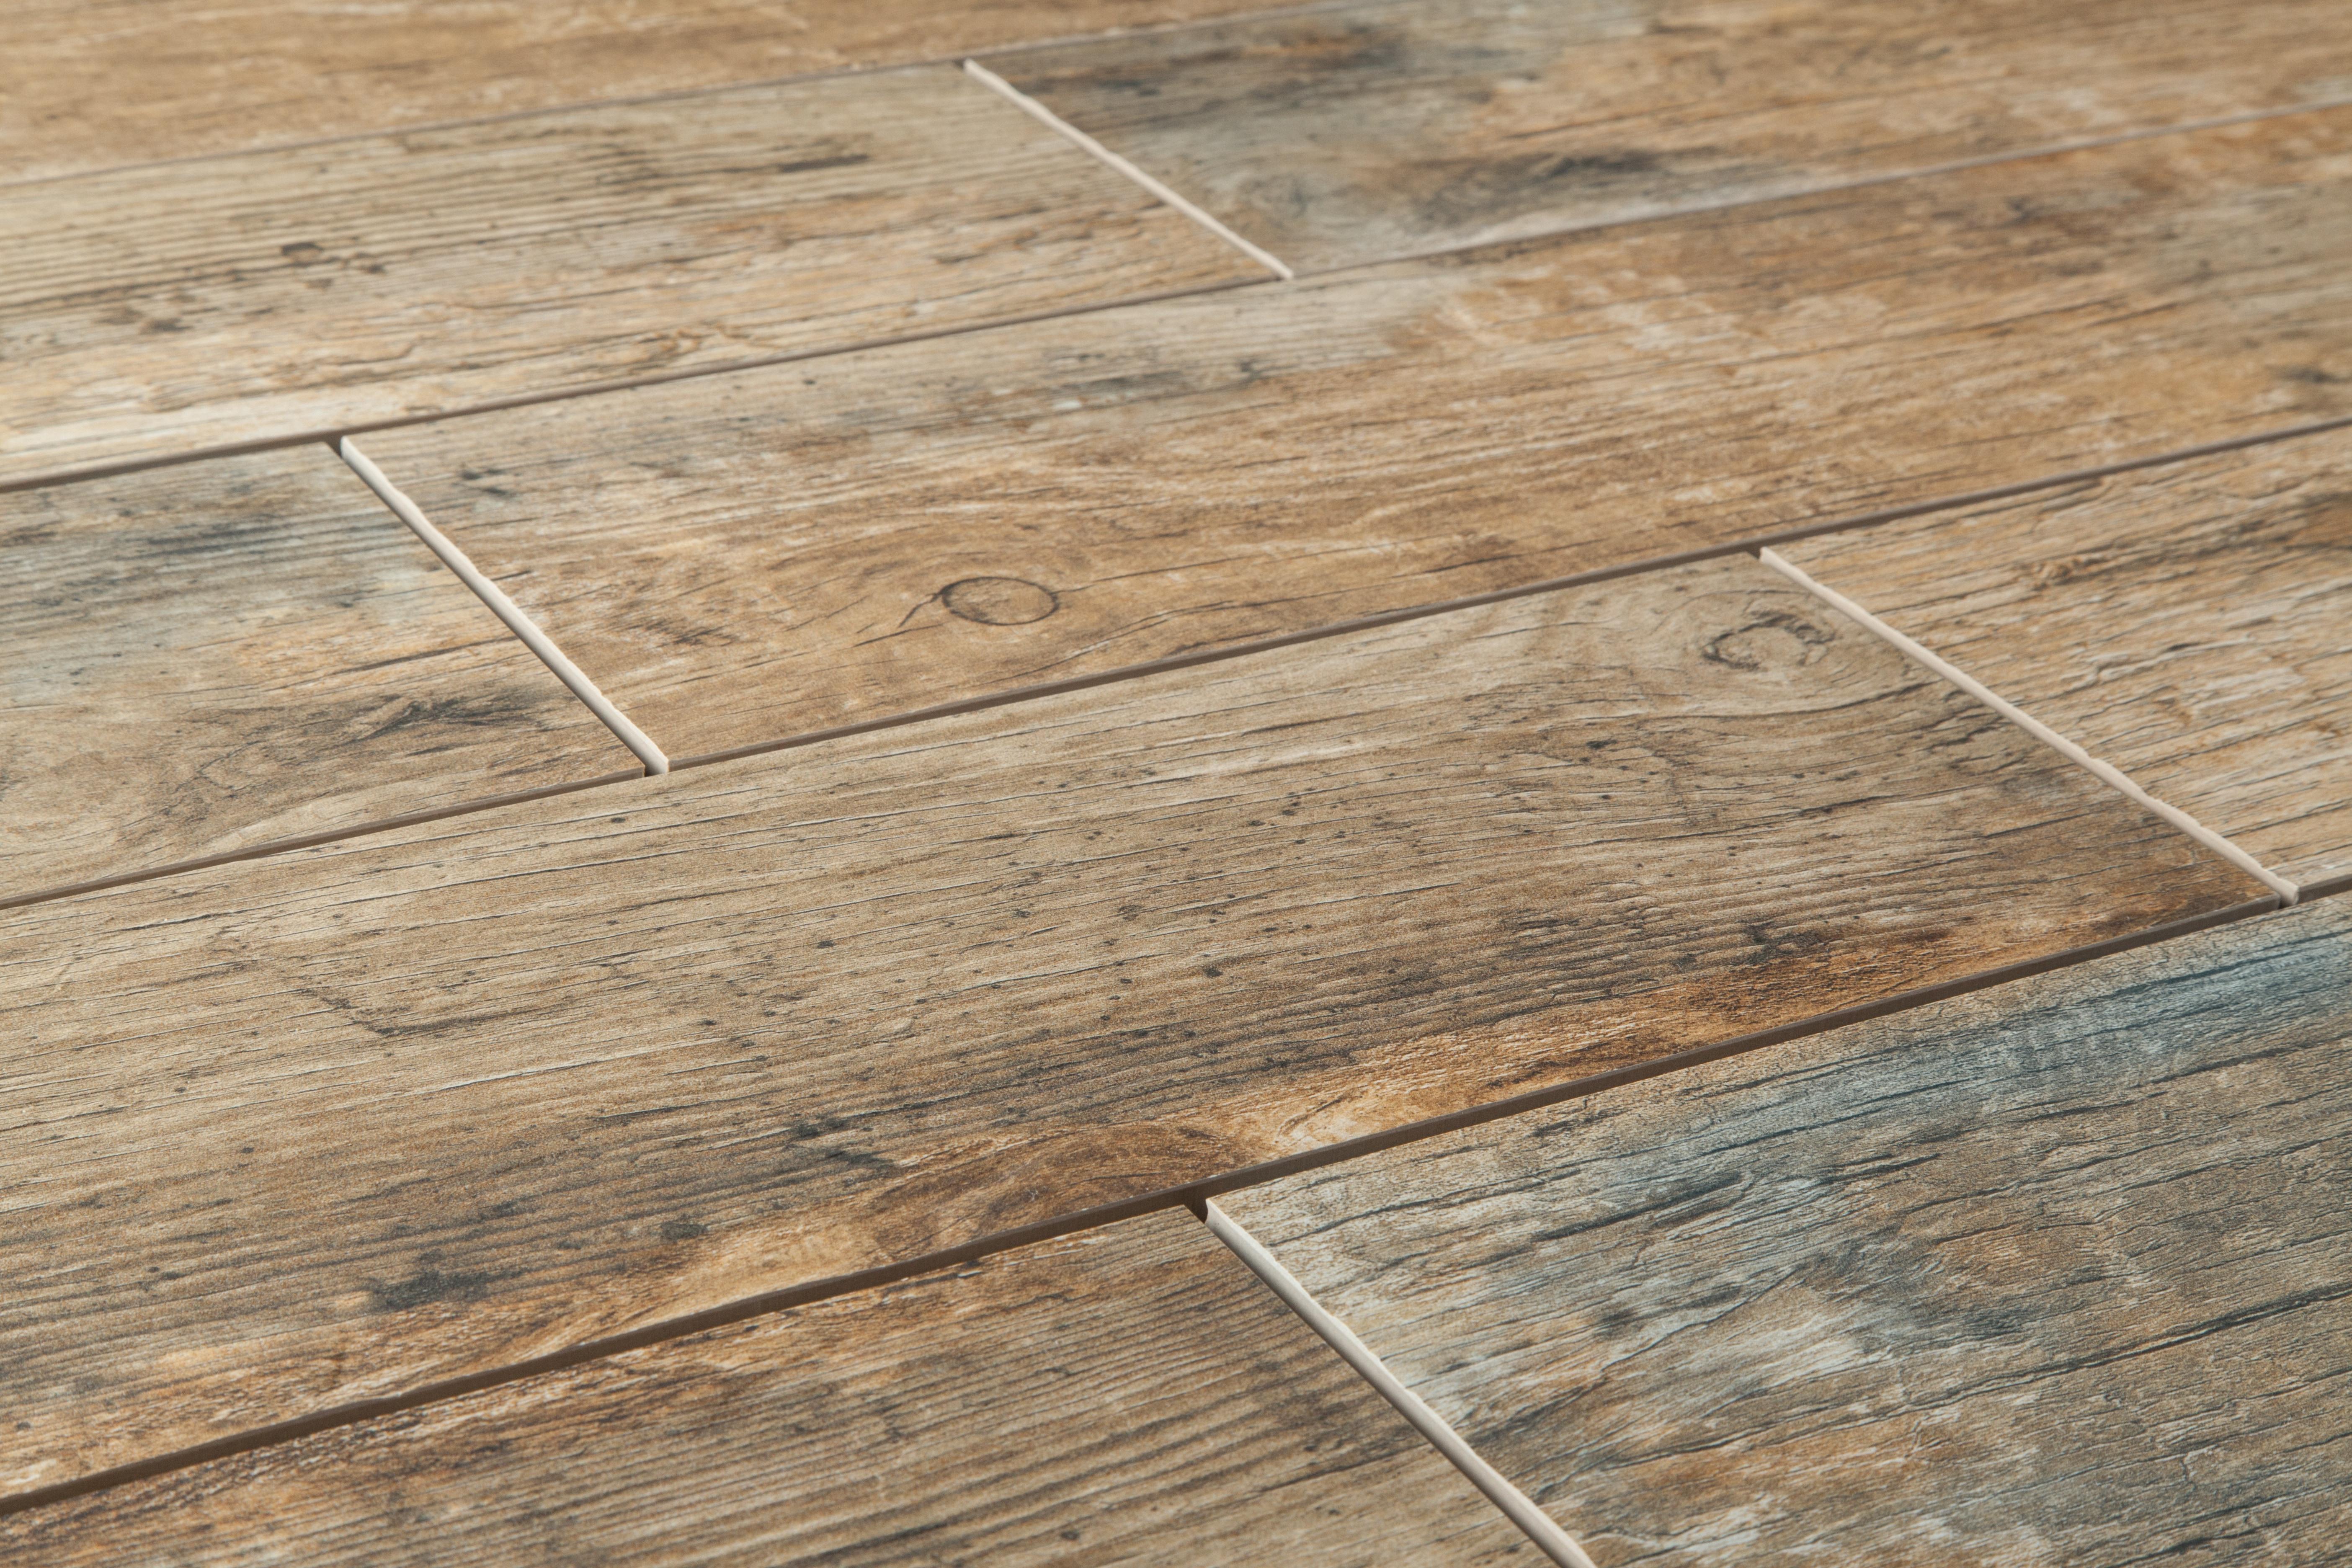 Tile hardwood cabot porcelain tile 2018 tile hardwood flooring JNVXFEI